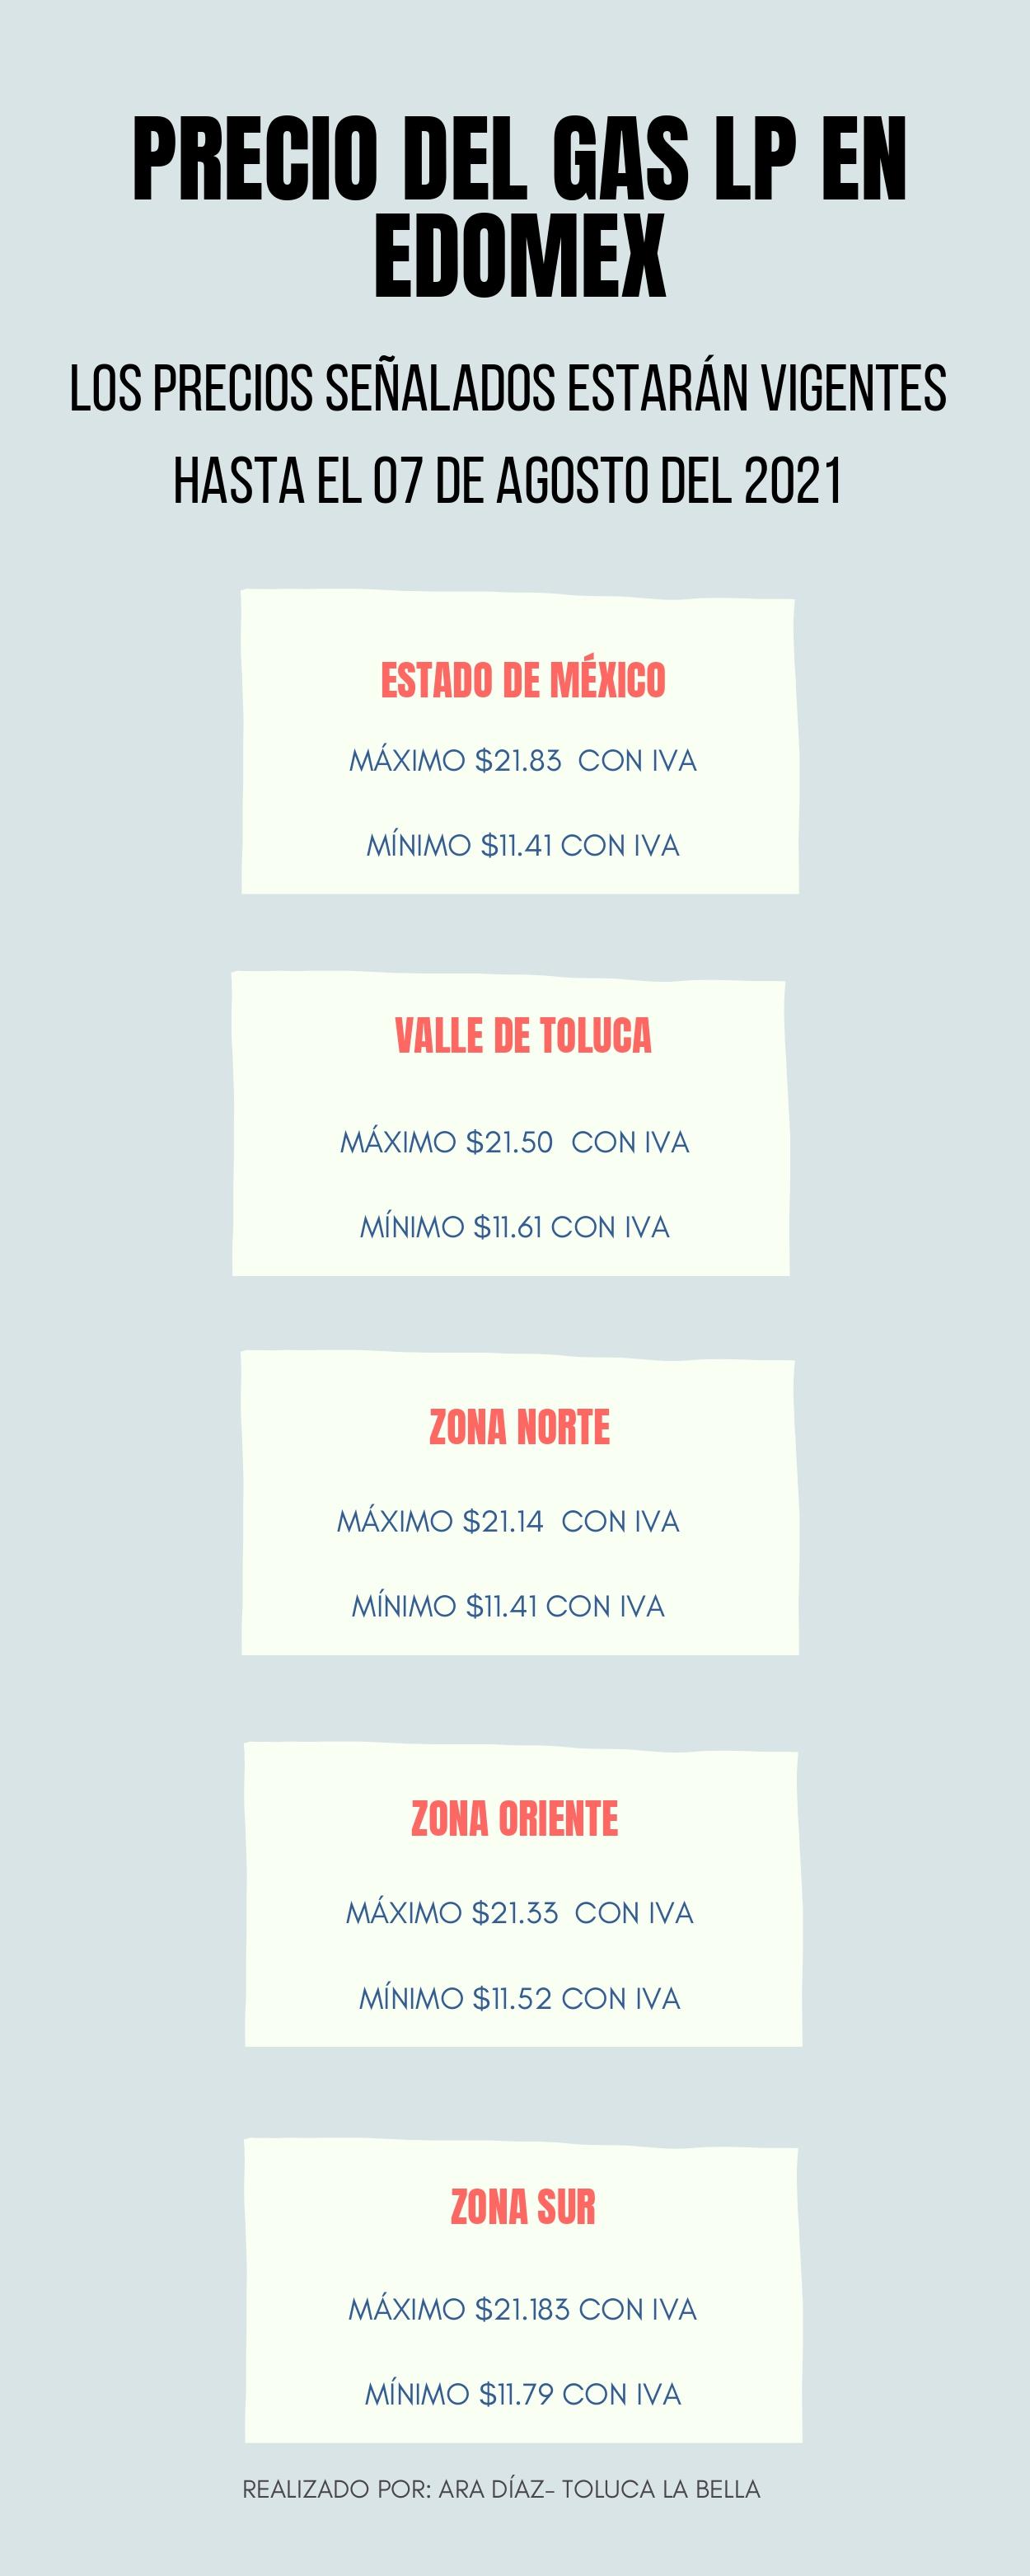 lista de precios del gas lp en edomex